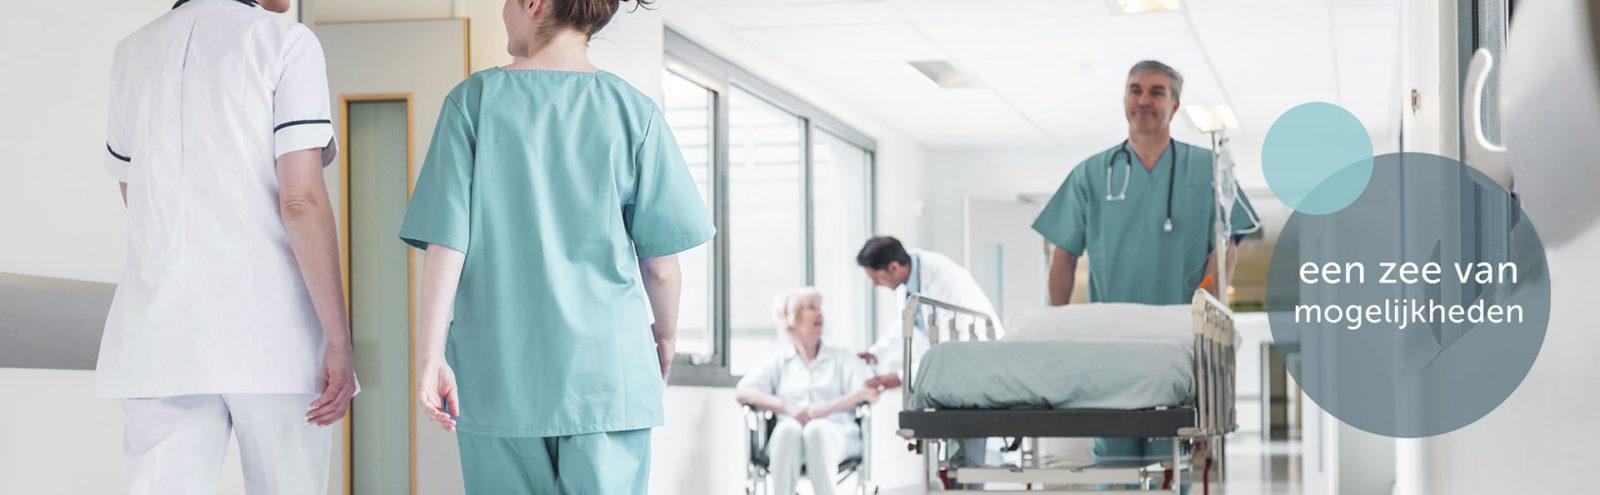 <strong>Artikel:</strong> beroertenetwerk illustreert belang van supraregionale samenwerking voor betere uitkomst acute zorg